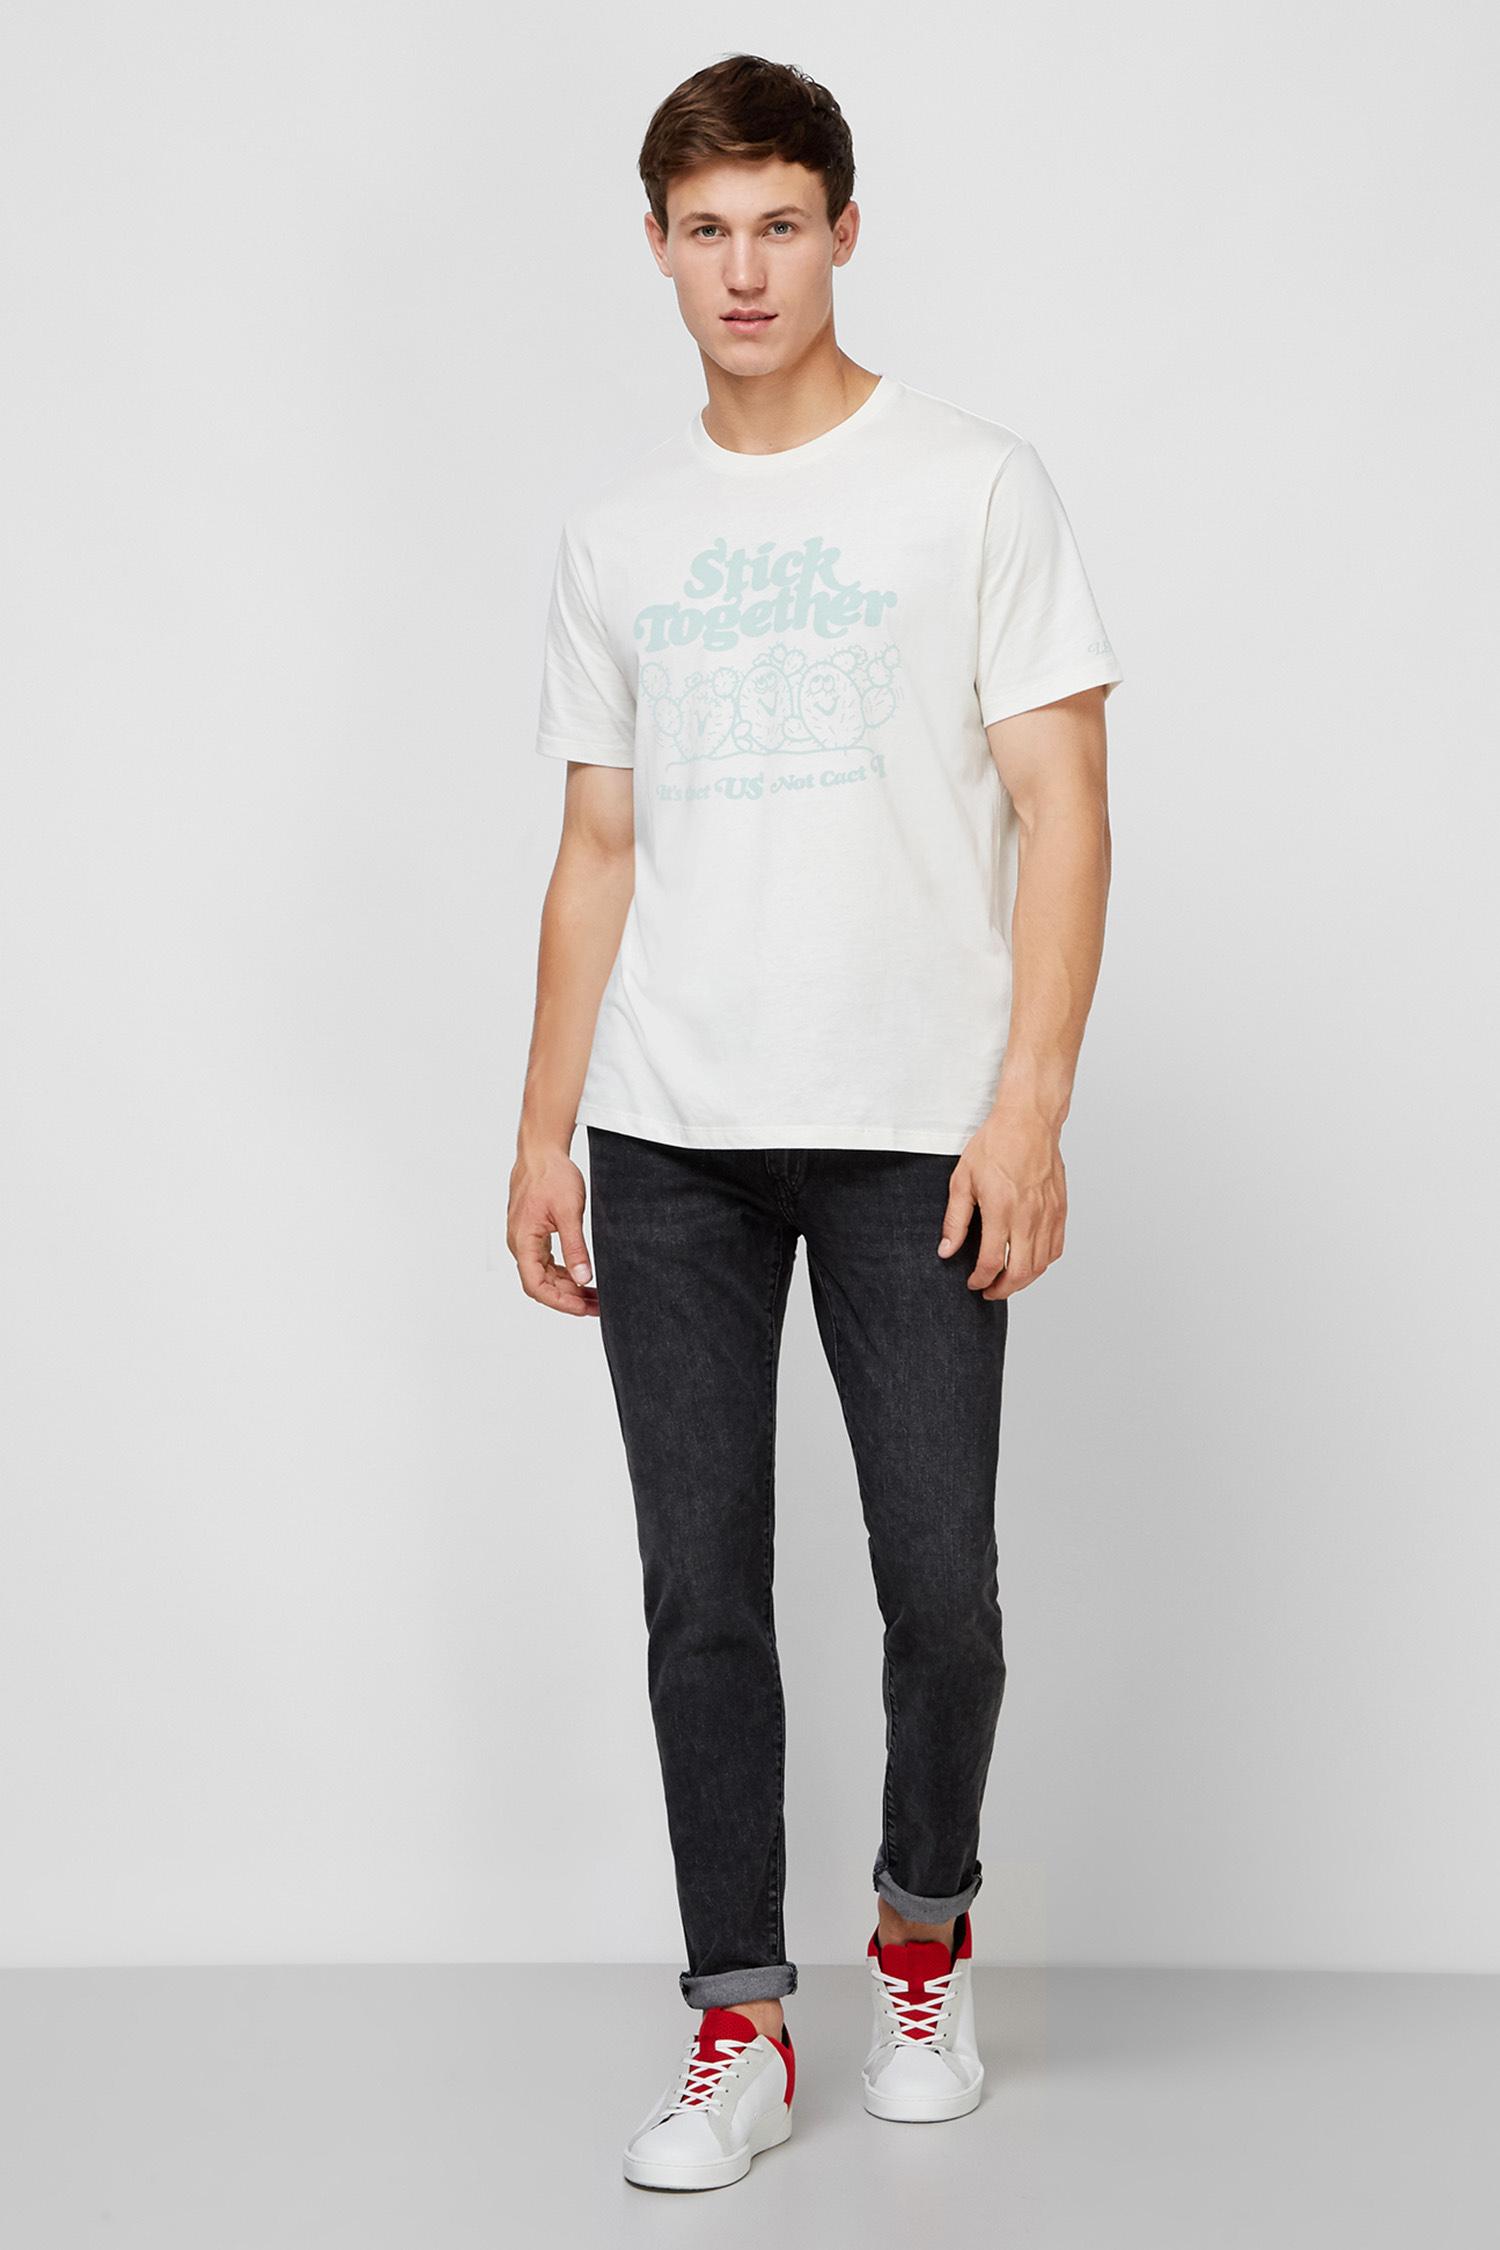 Мужские темно-серые джинсы  512 Slim Taper Levi's 28833;0651